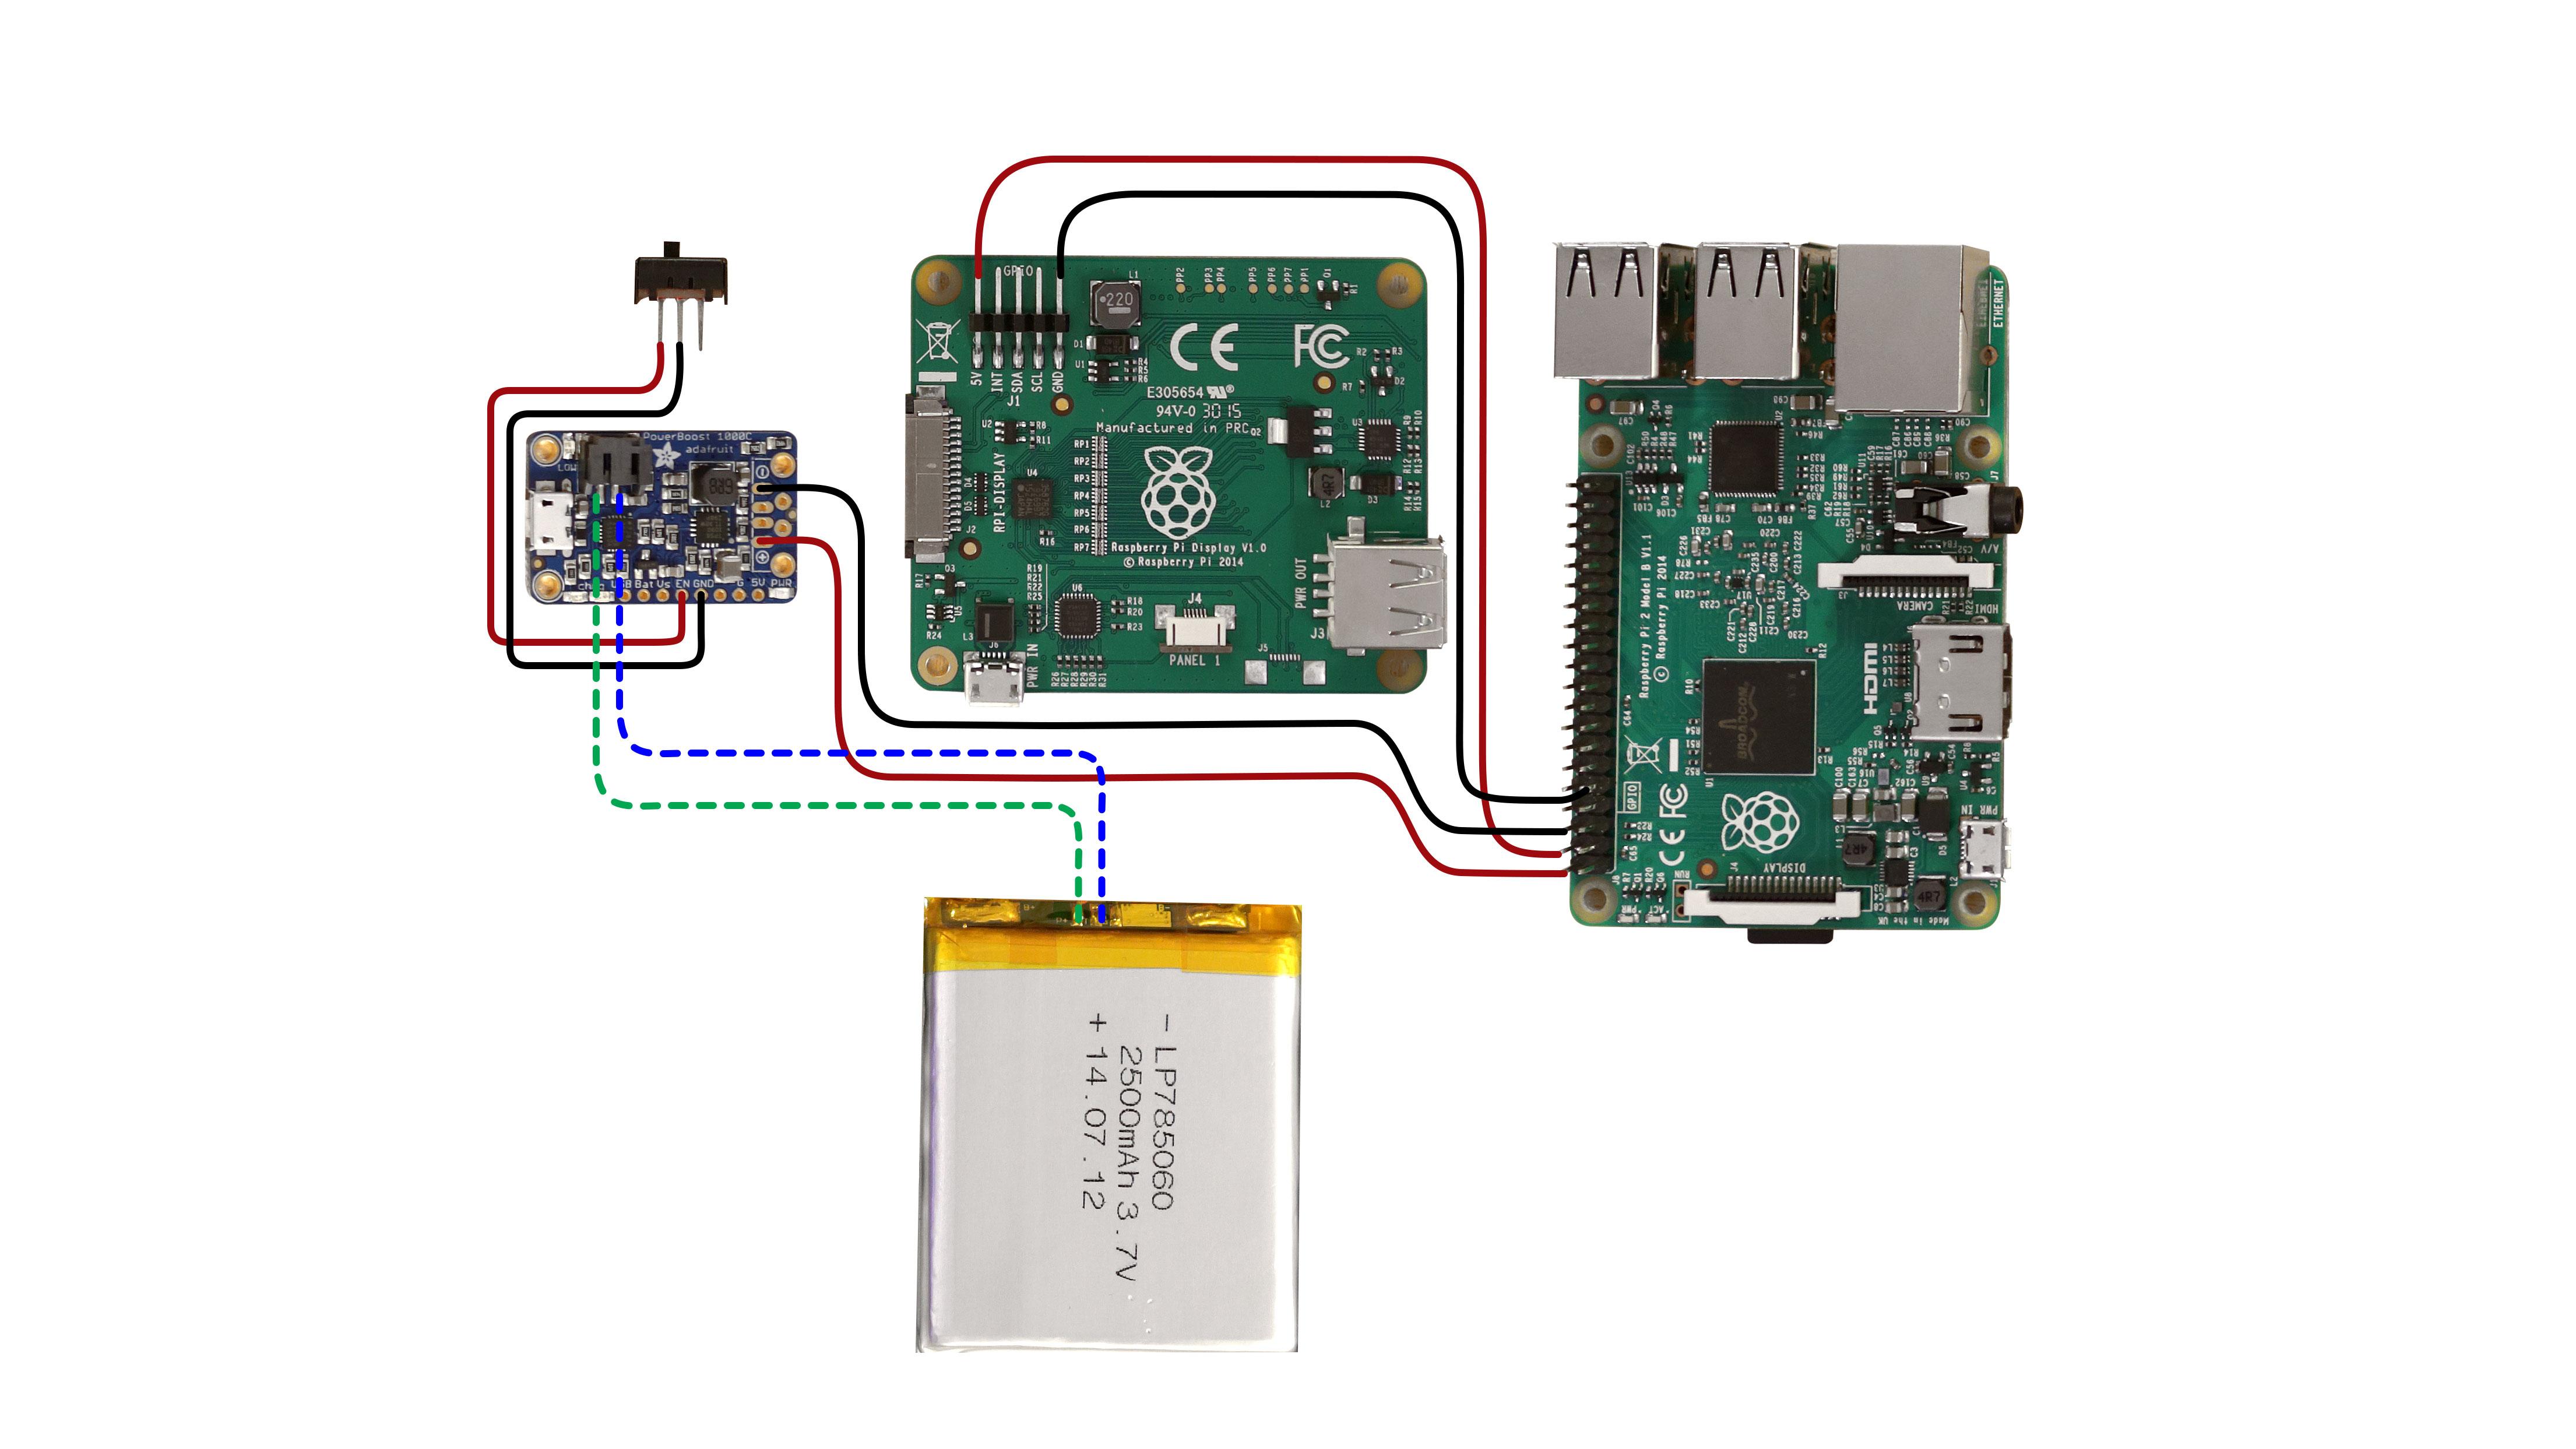 hacks_circuit-diagram.jpg